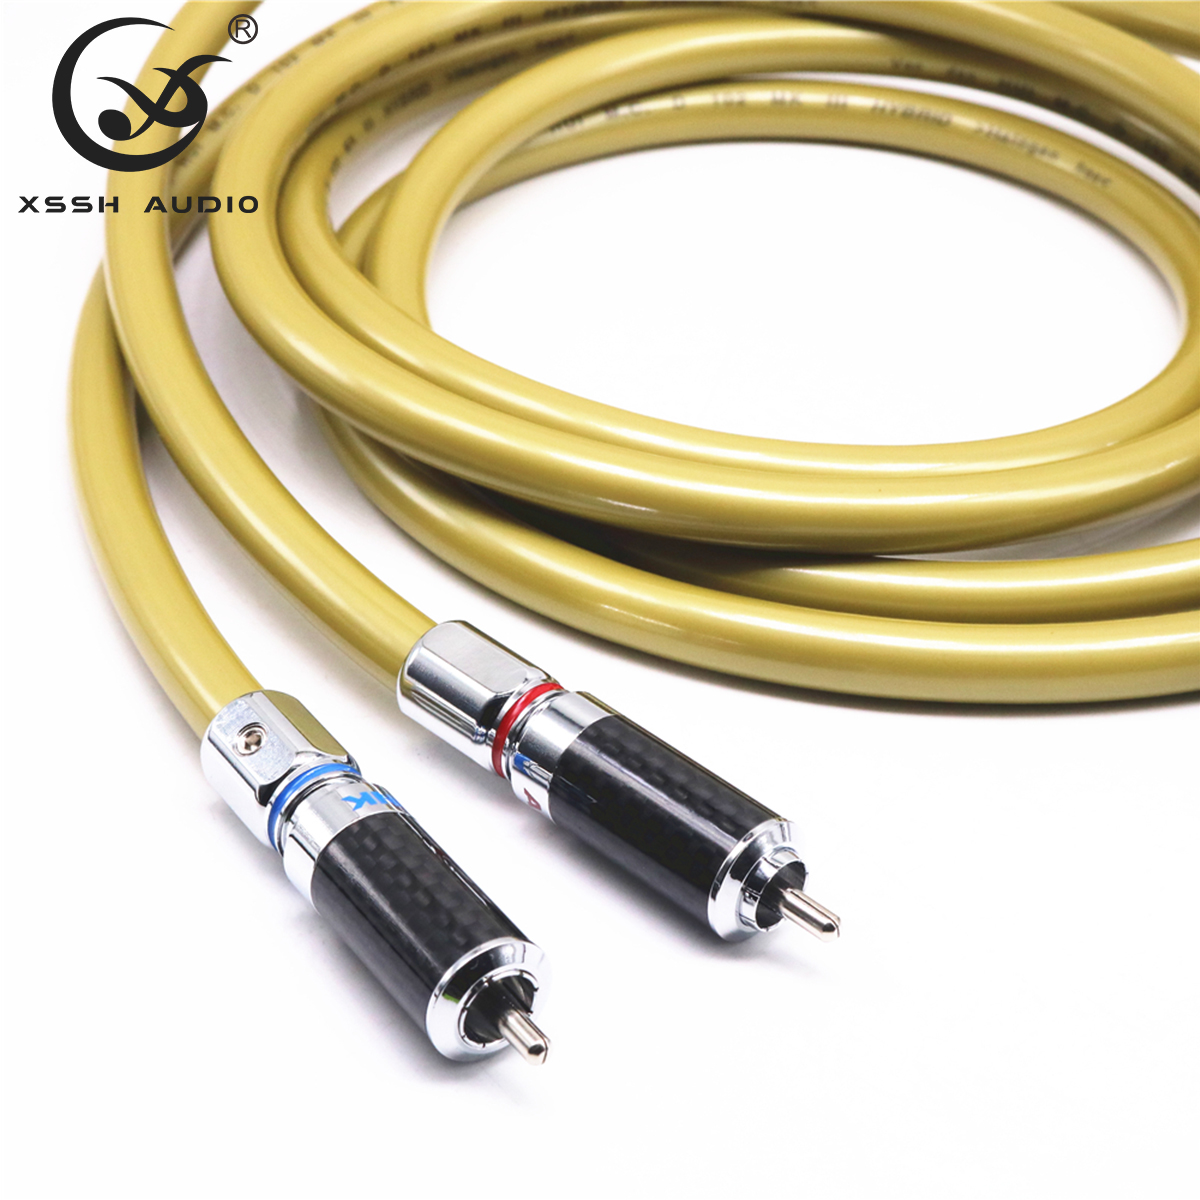 1 paire RCA vers RCA haut de gamme 2 cœurs * 2.8mm OFC OCC cuivre VDH H bouclier 8mm câble Audio RCA fil de ligne pour amplificateur de puissance lecteur CD